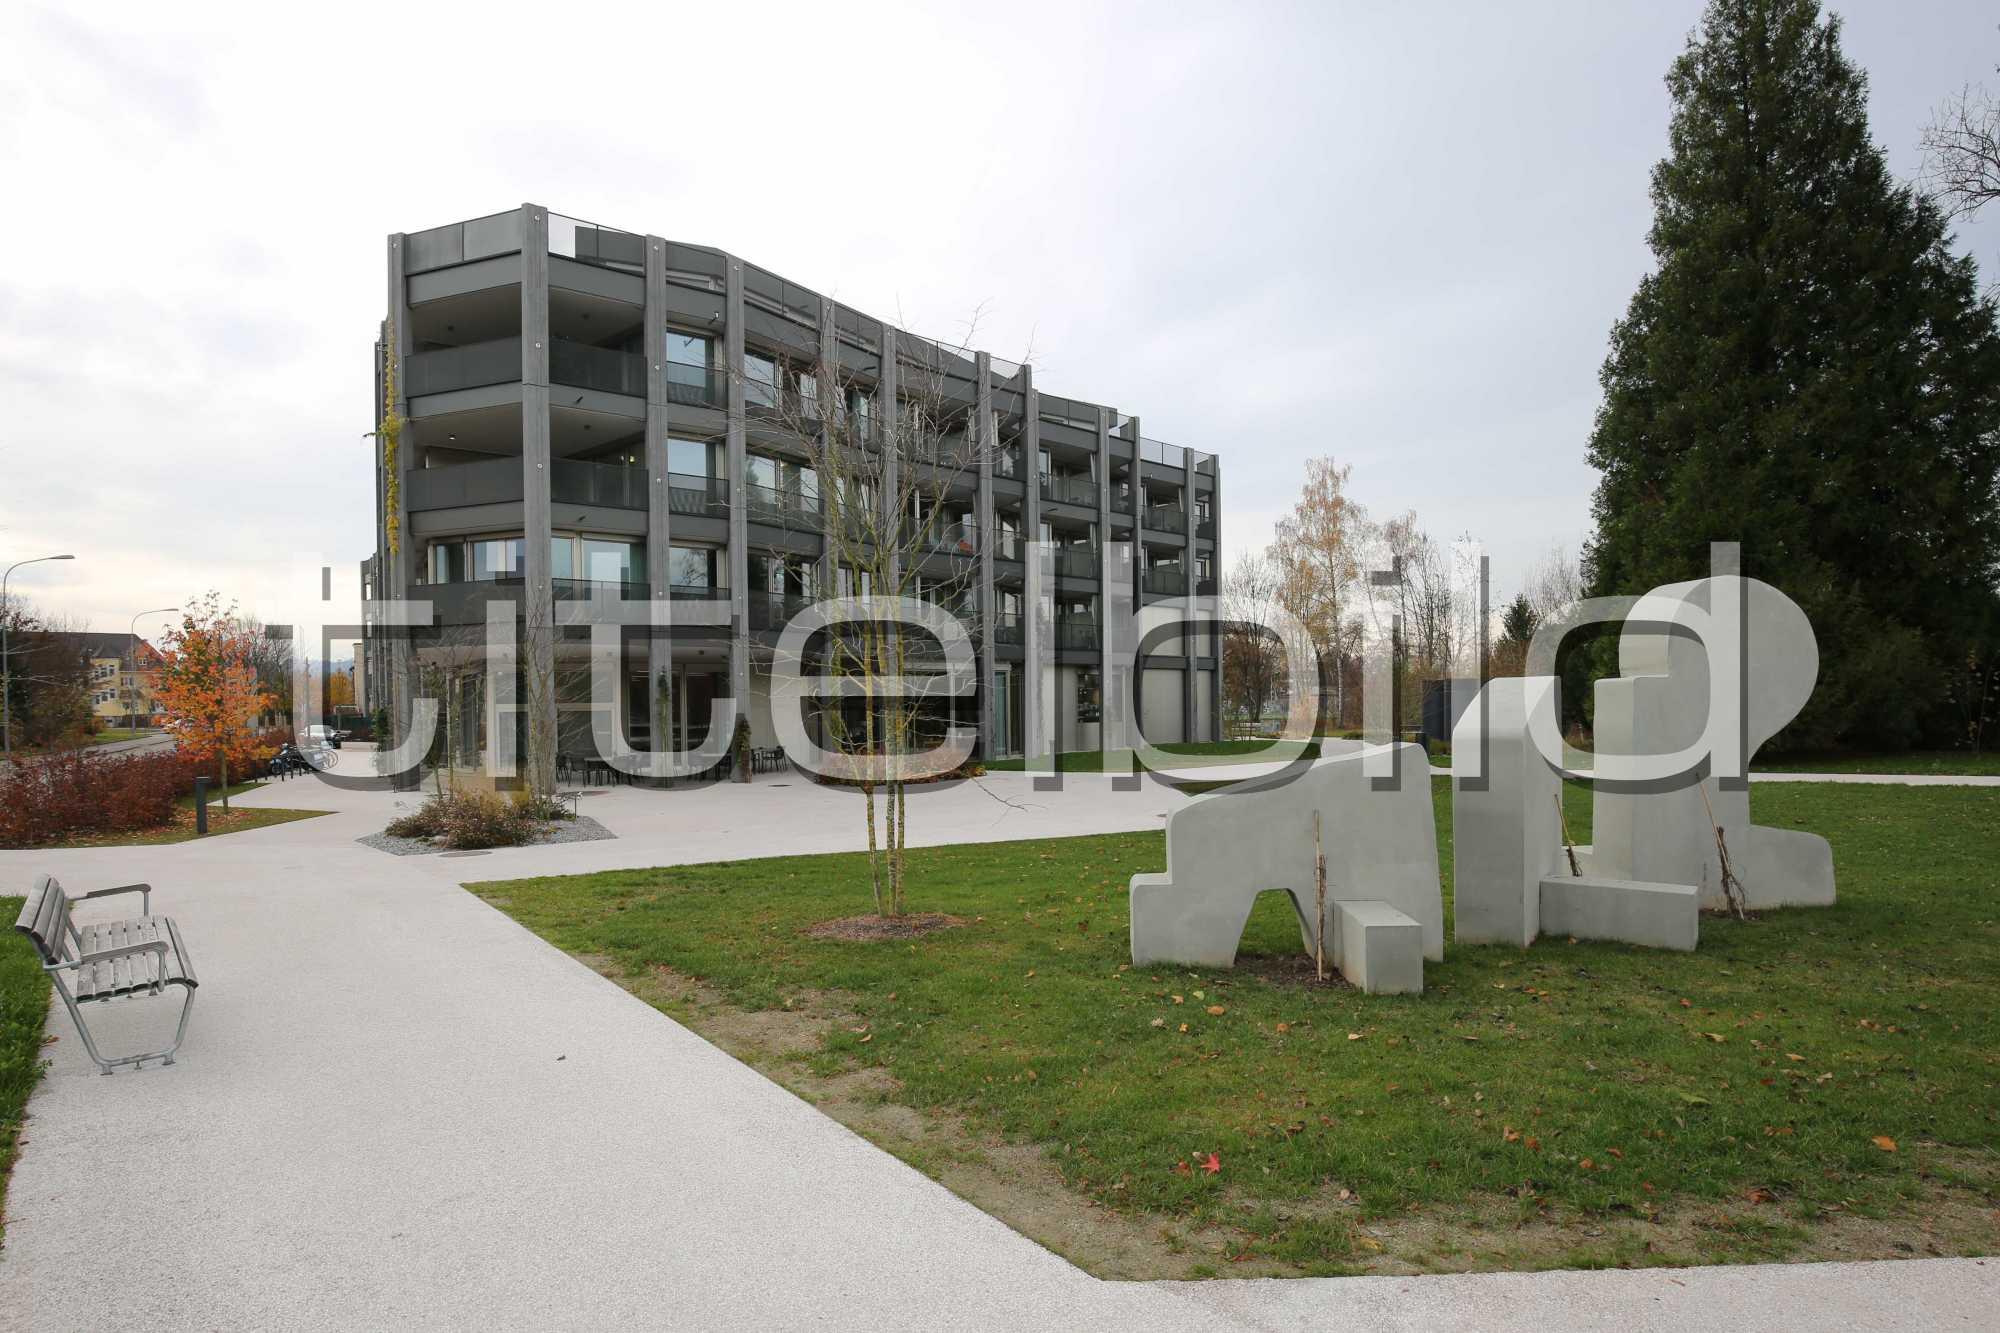 Projektbild-Nr. 3: Wohn- und Pflegezentrum Blumenrain